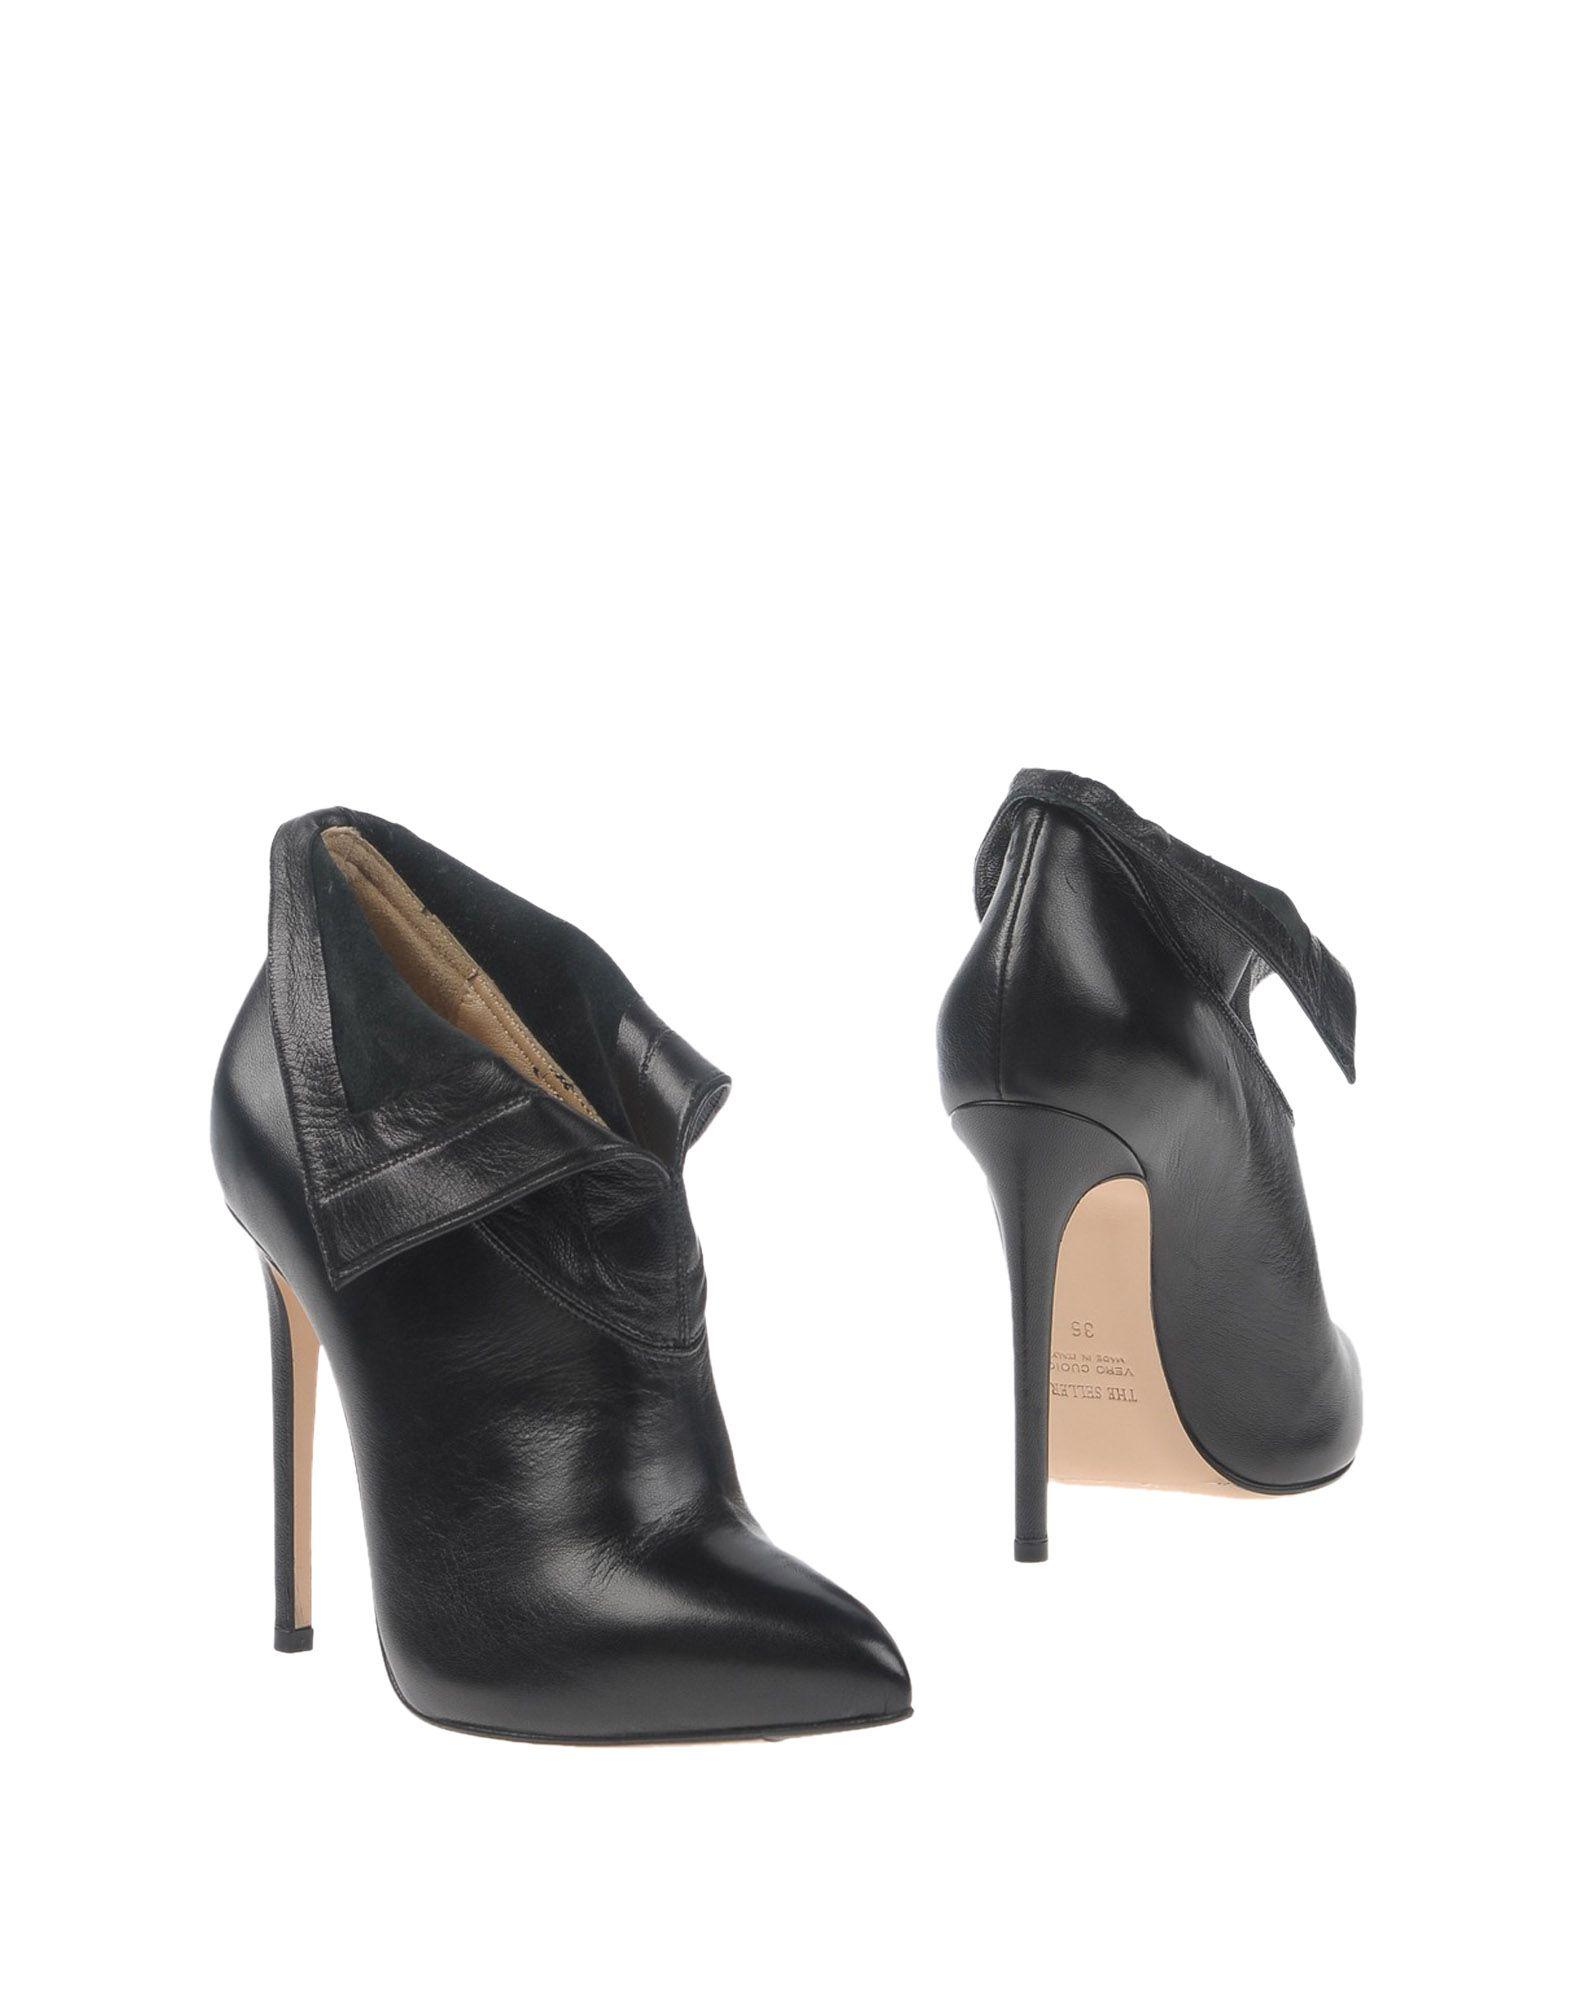 Stilvolle billige Schuhe The Seller Stiefelette Damen  11292825LH 11292825LH 11292825LH 2673cd